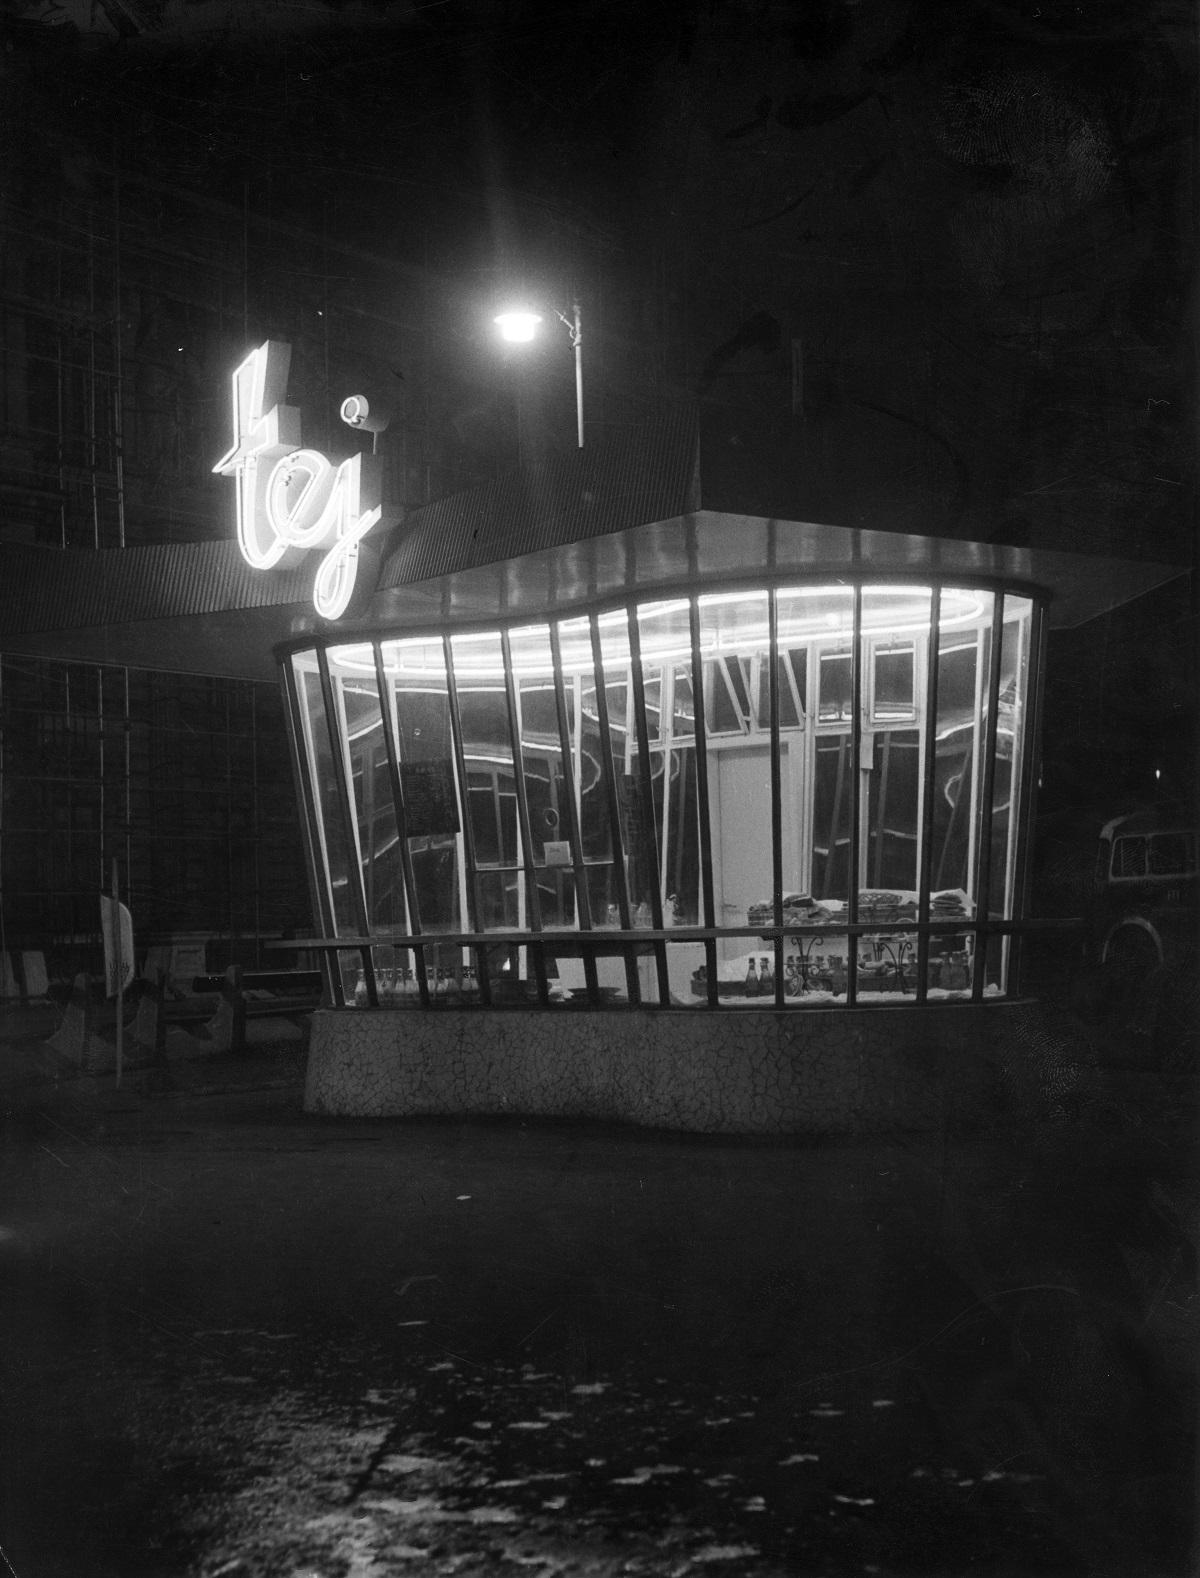 Fotó: Nyugati (Marx) tér, tejívó pavilon, Budapest VI. ker., Magyarország, 1964. Levéltári jelzet: HU_BFL_XV_19_c_11© Fortepan / Budapest Főváros Levéltára